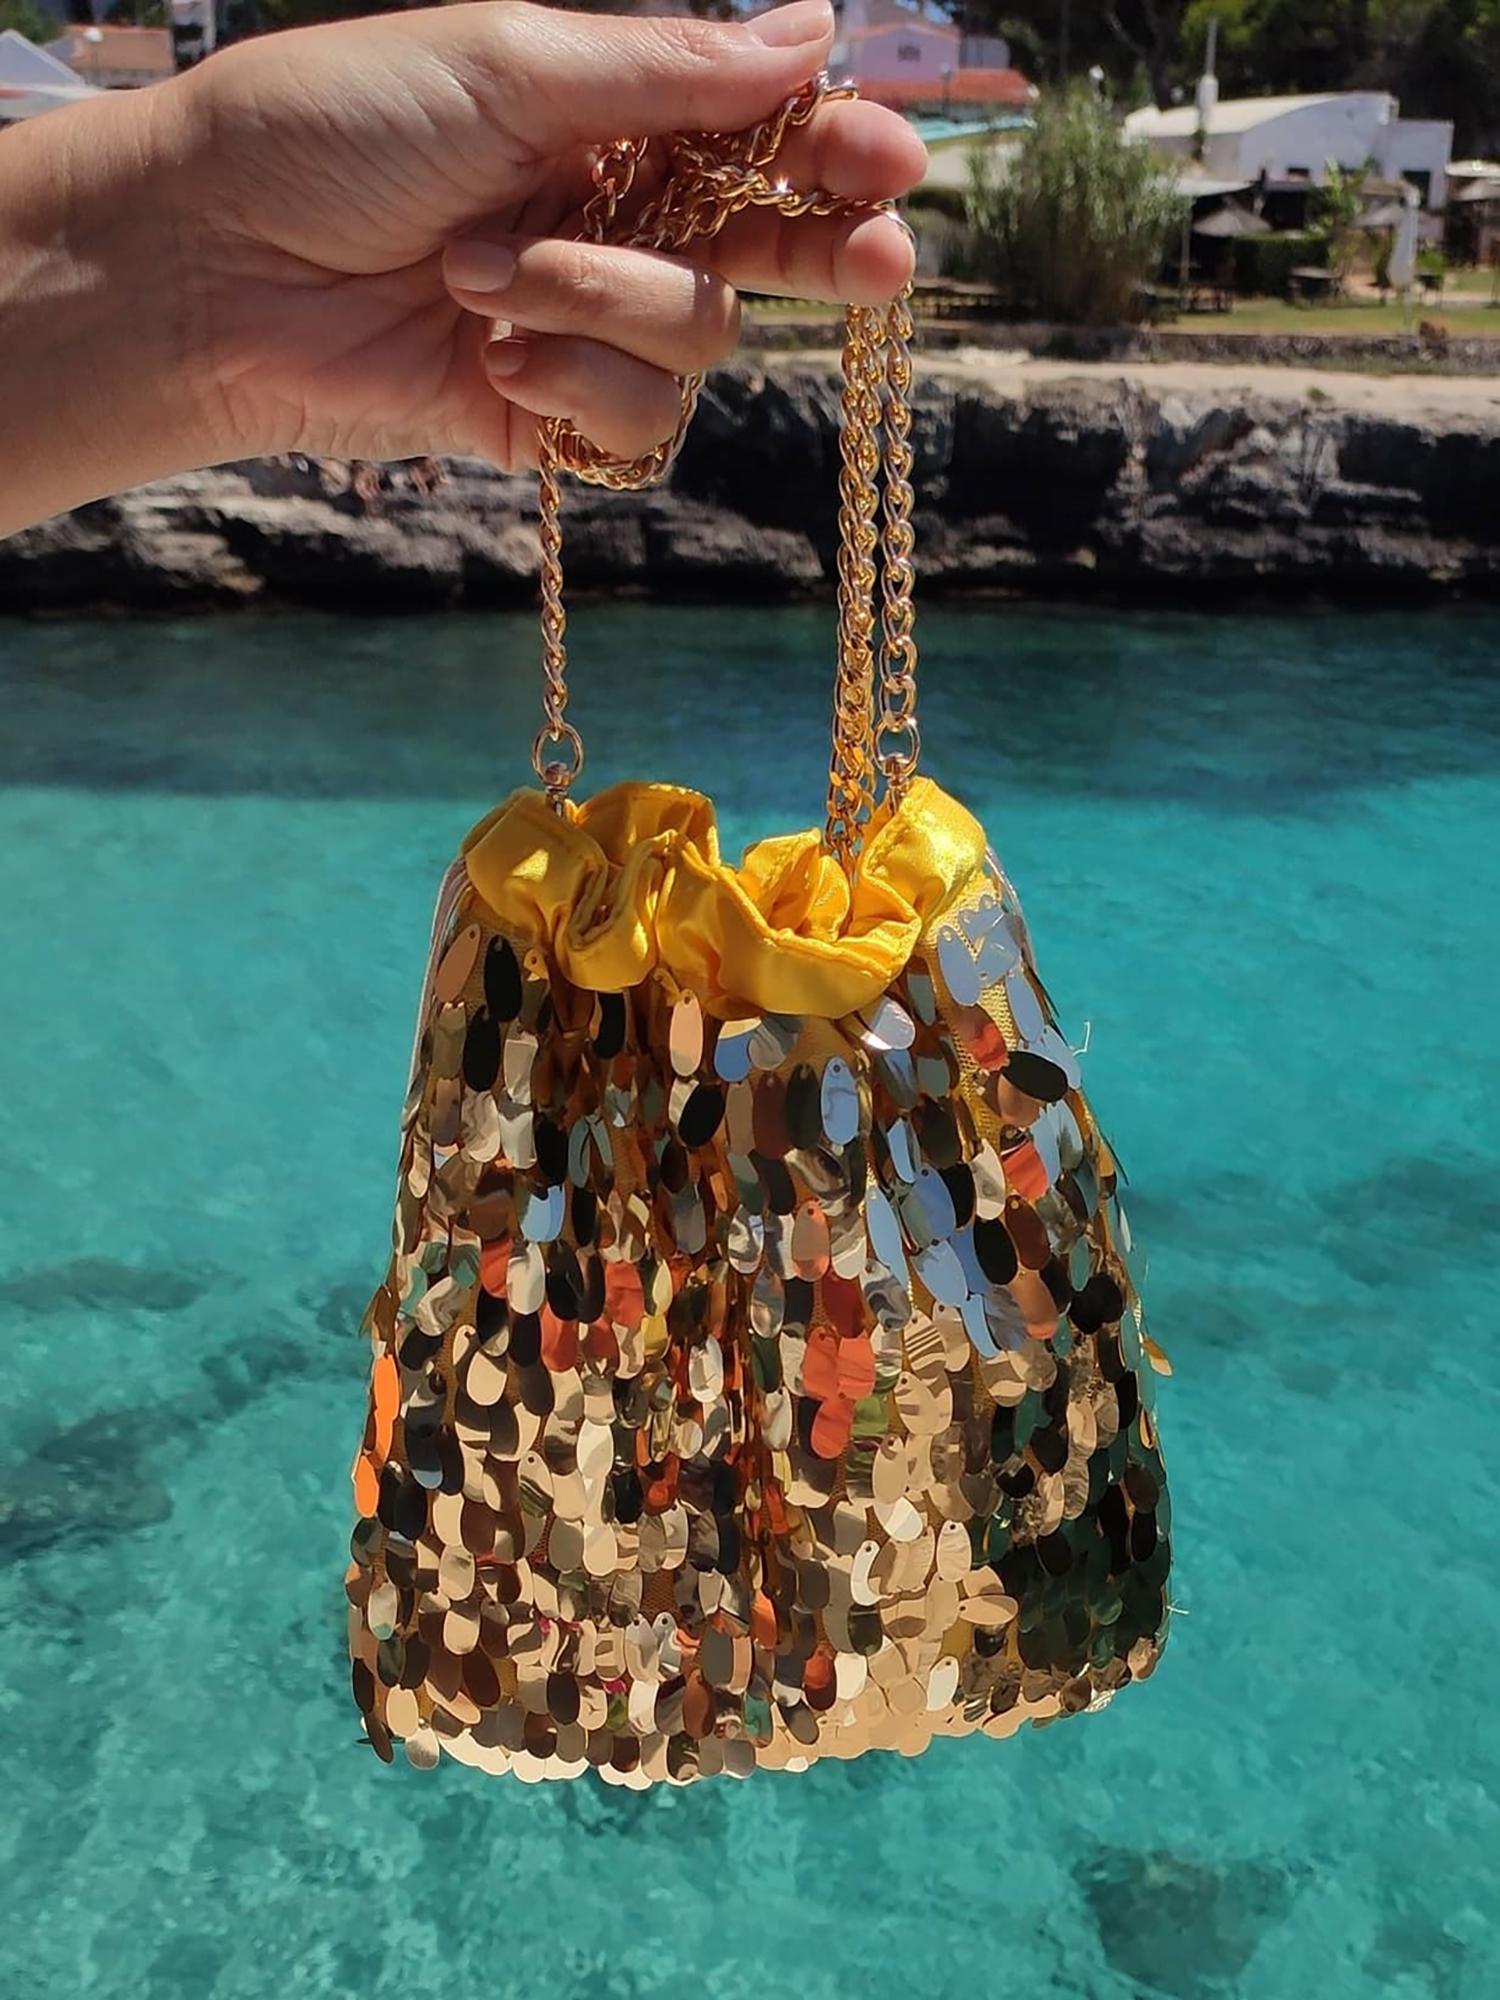 bolso amarillo oro lentejuelas mano y cadena